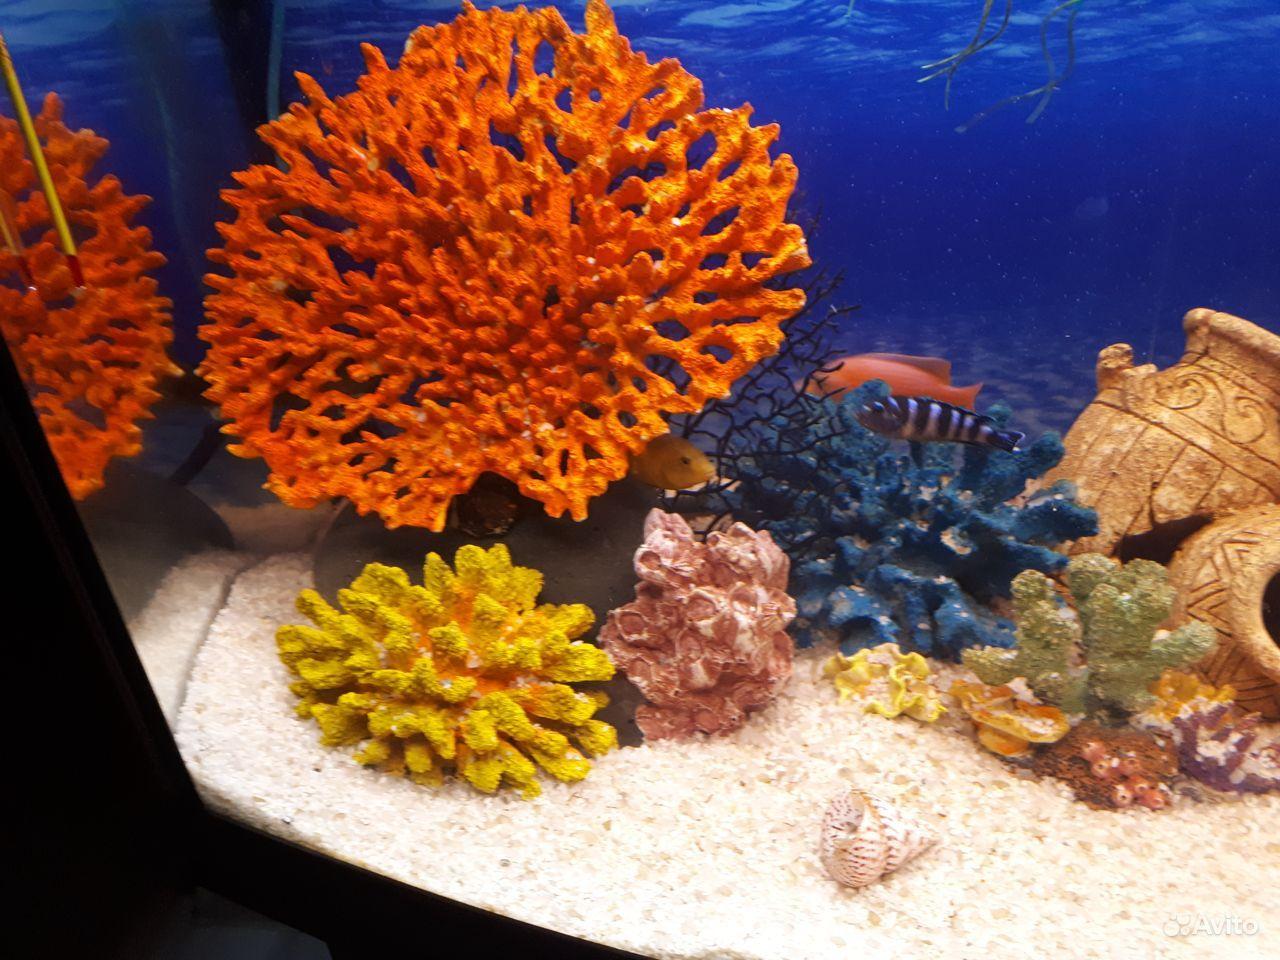 Кораллы, гроты, камни для аквариума купить на Зозу.ру - фотография № 10